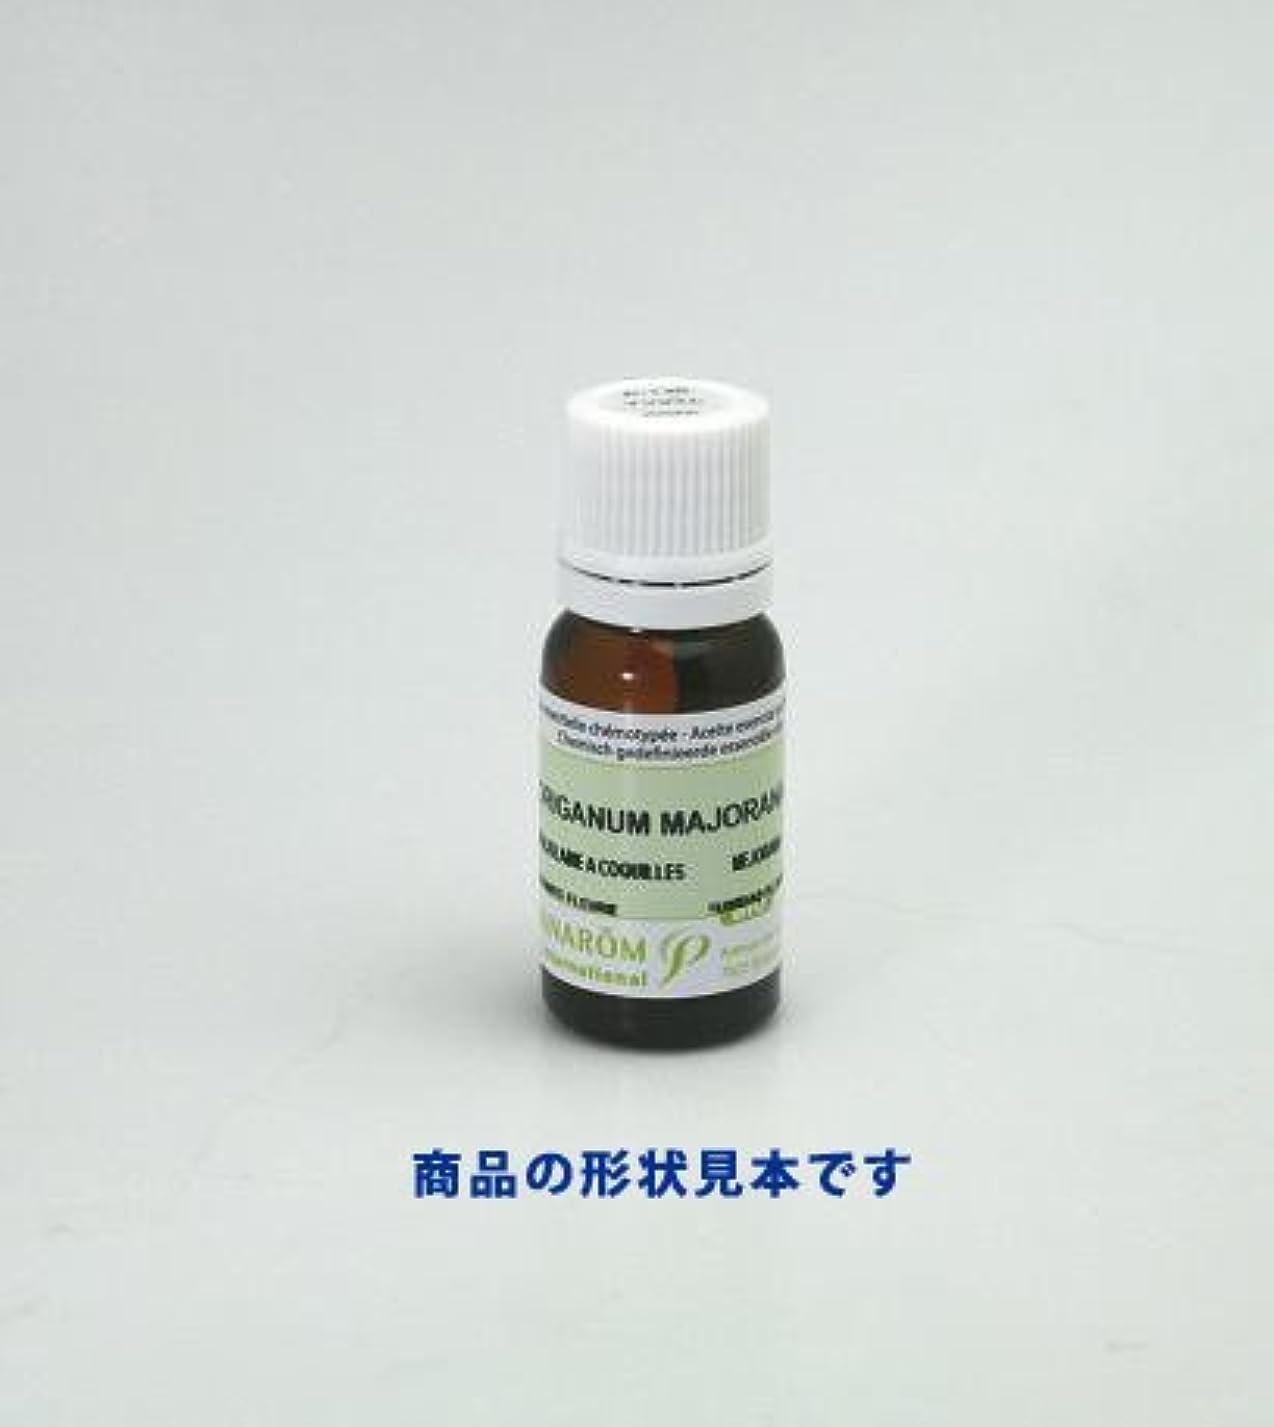 ホステス遅らせるアクティビティプラナロム社製精油:P-109 ティートゥリー(ティートリー)